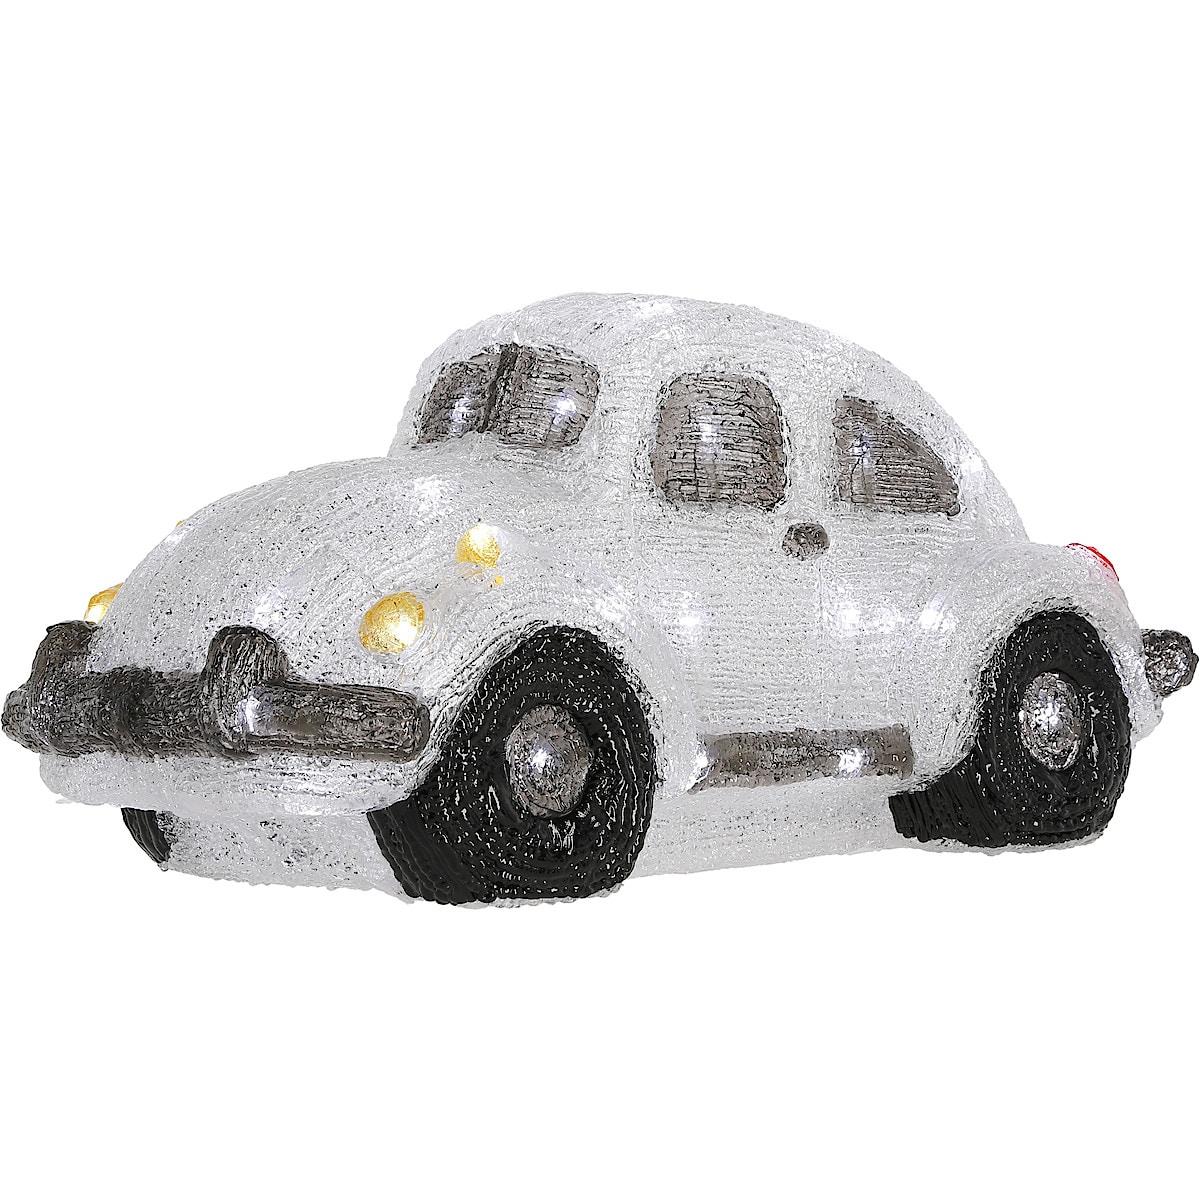 Dekorfigur med belysning, bil